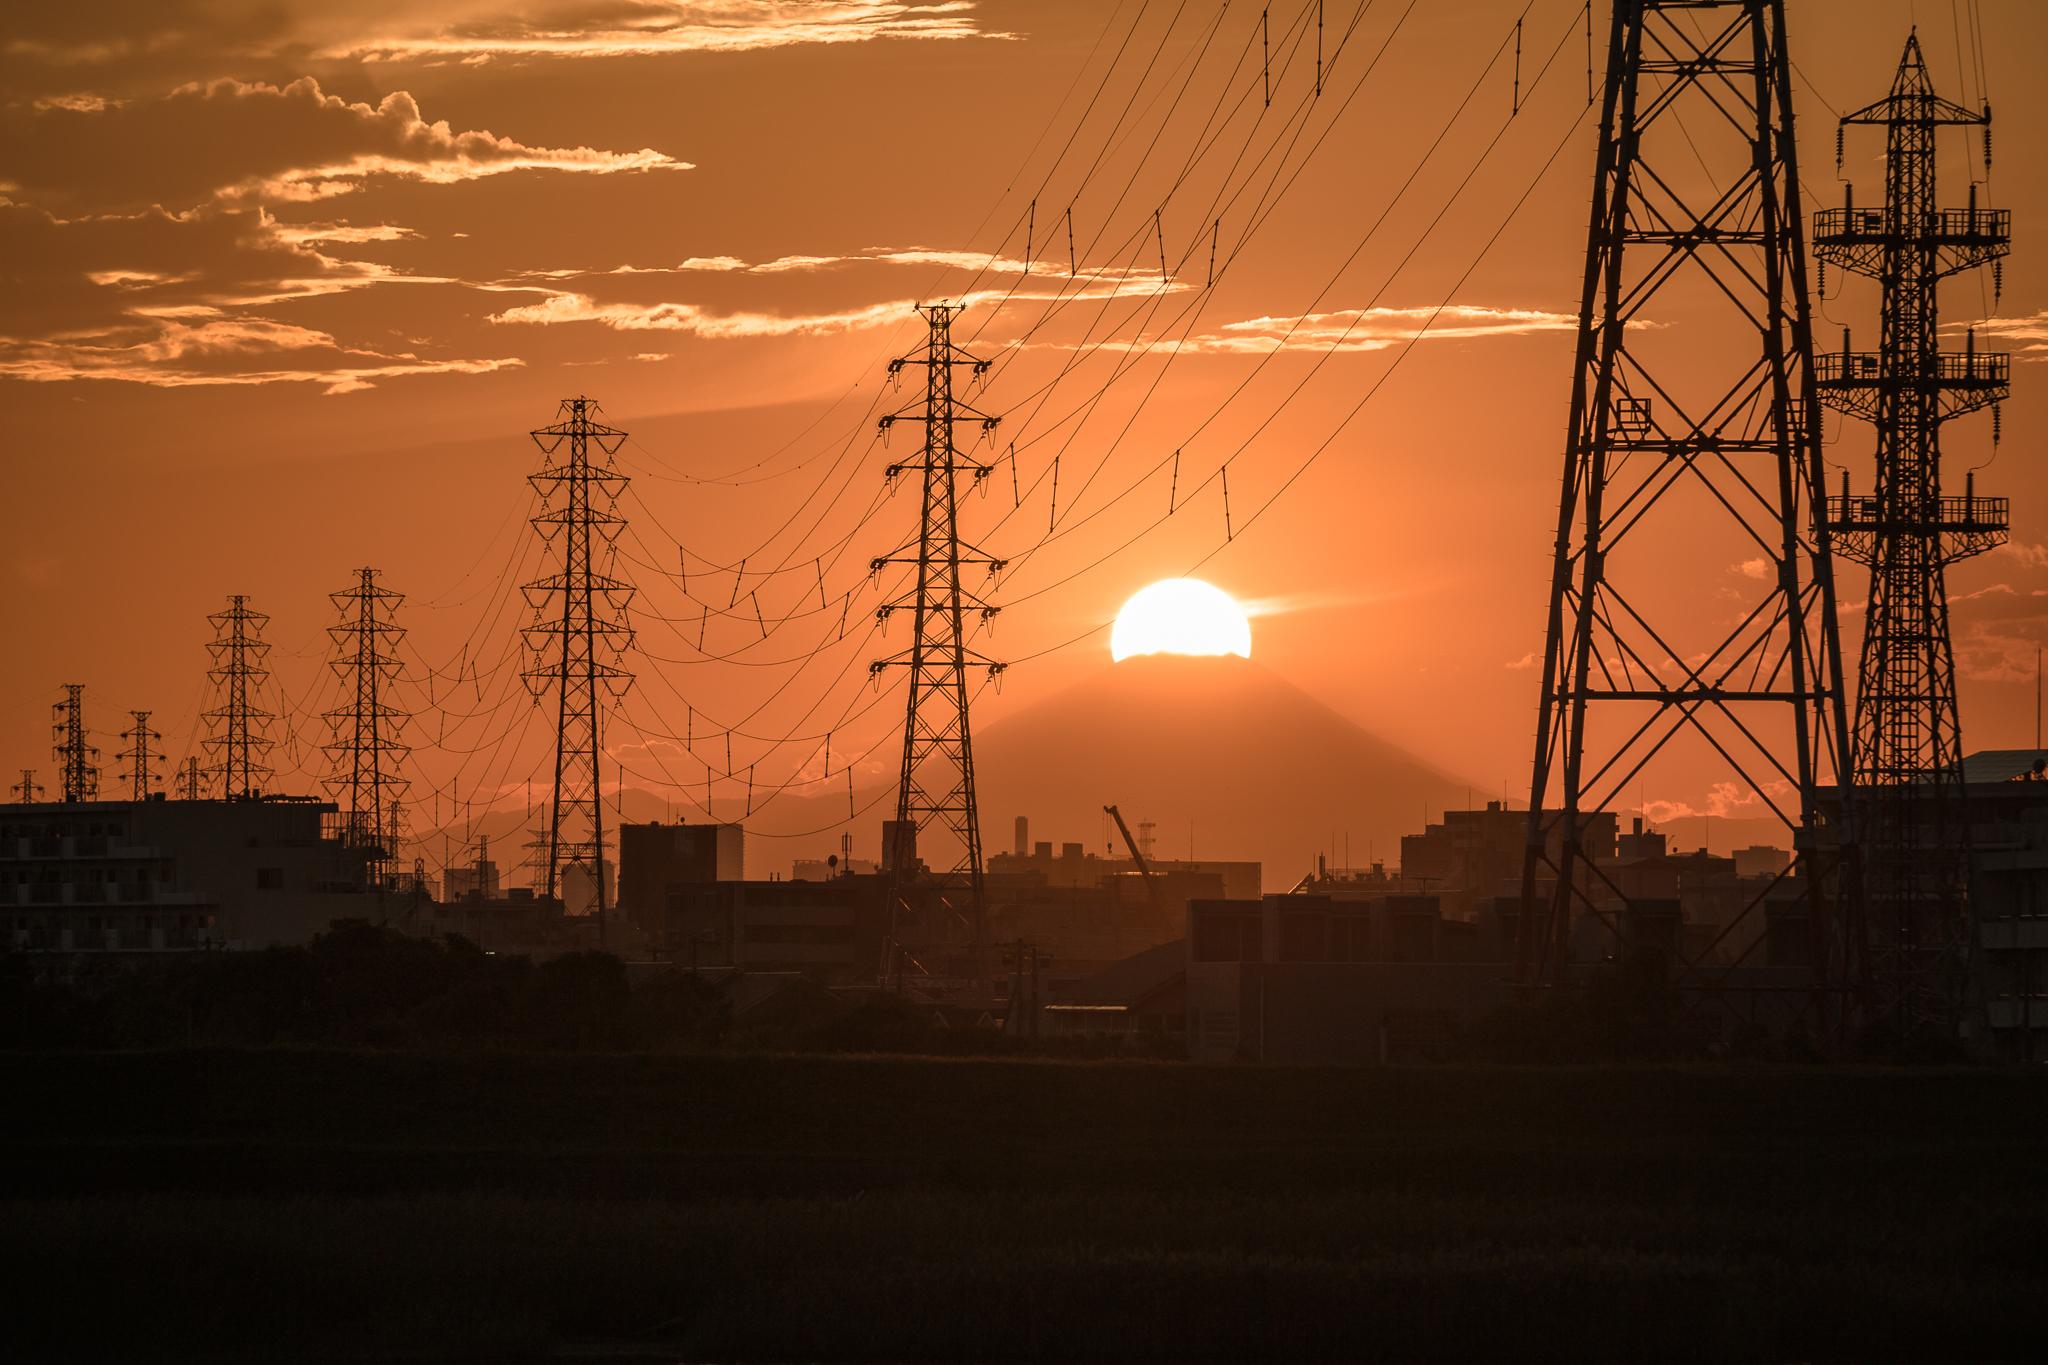 「夕陽をかぶる富士山」 江戸川の土手より